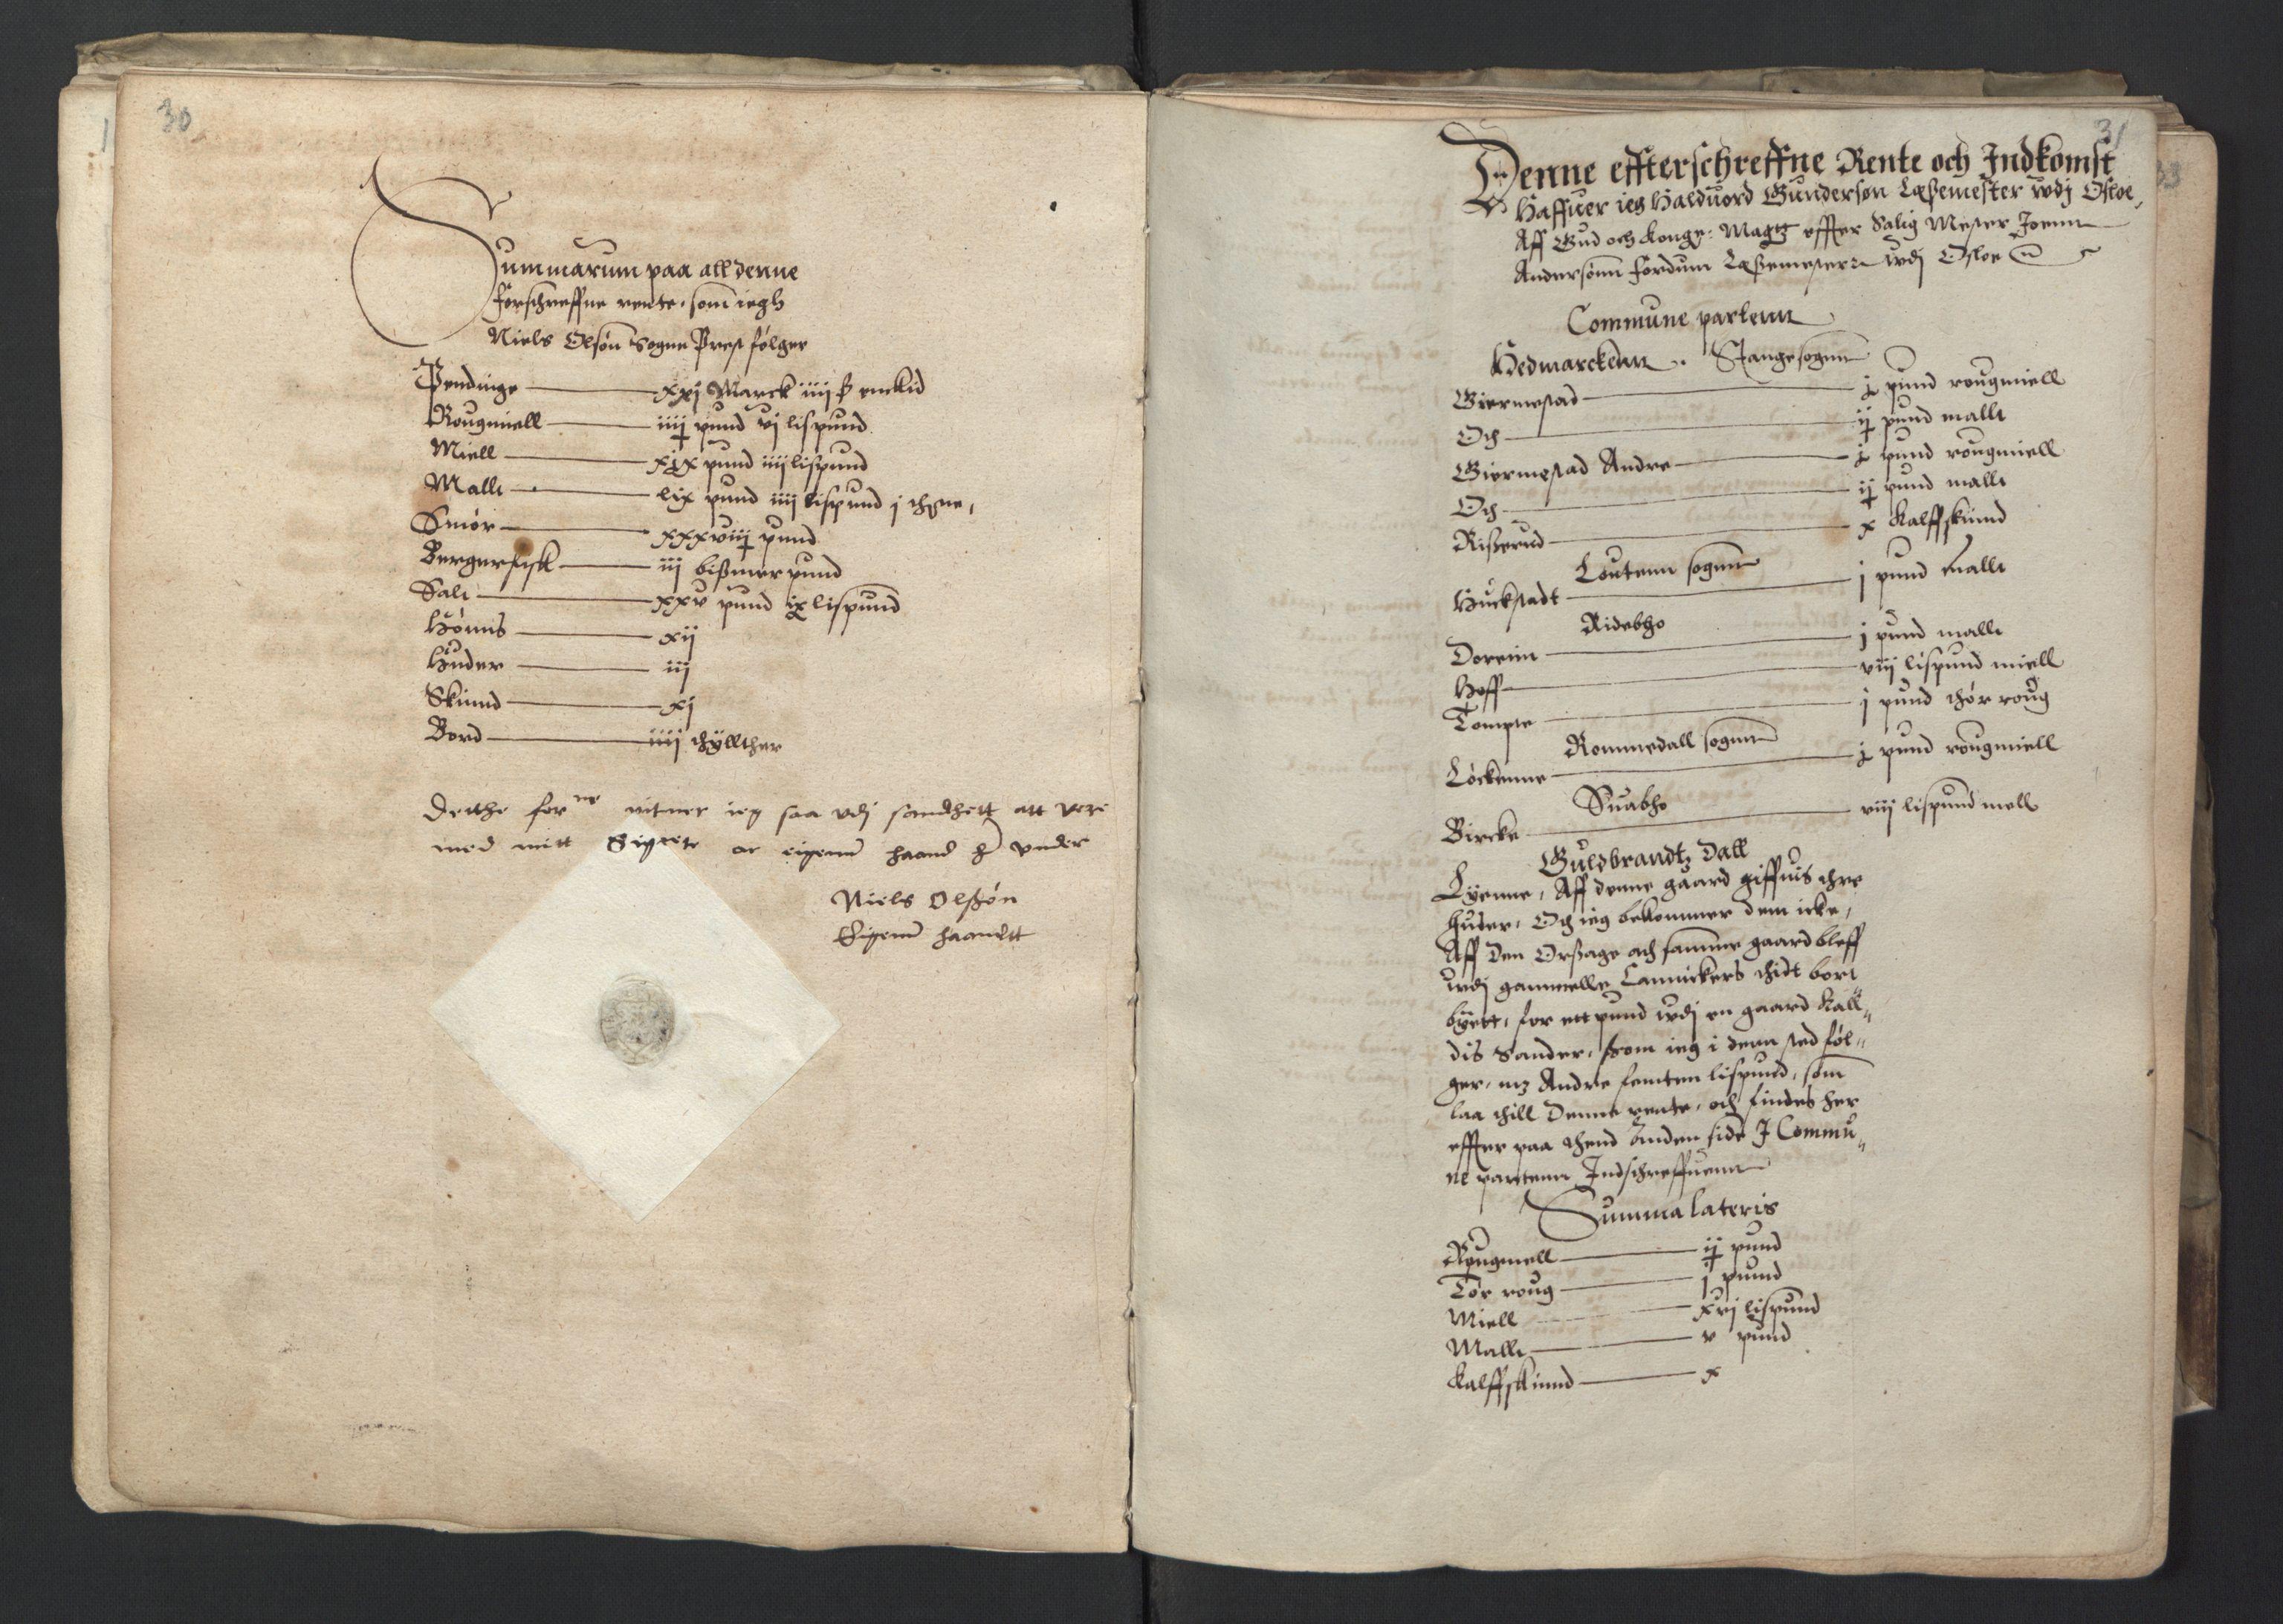 RA, Stattholderembetet 1572-1771, Ek/L0001: Jordebøker før 1624 og til utligning av garnisonsskatt 1624-1626:, 1595, s. 30-31